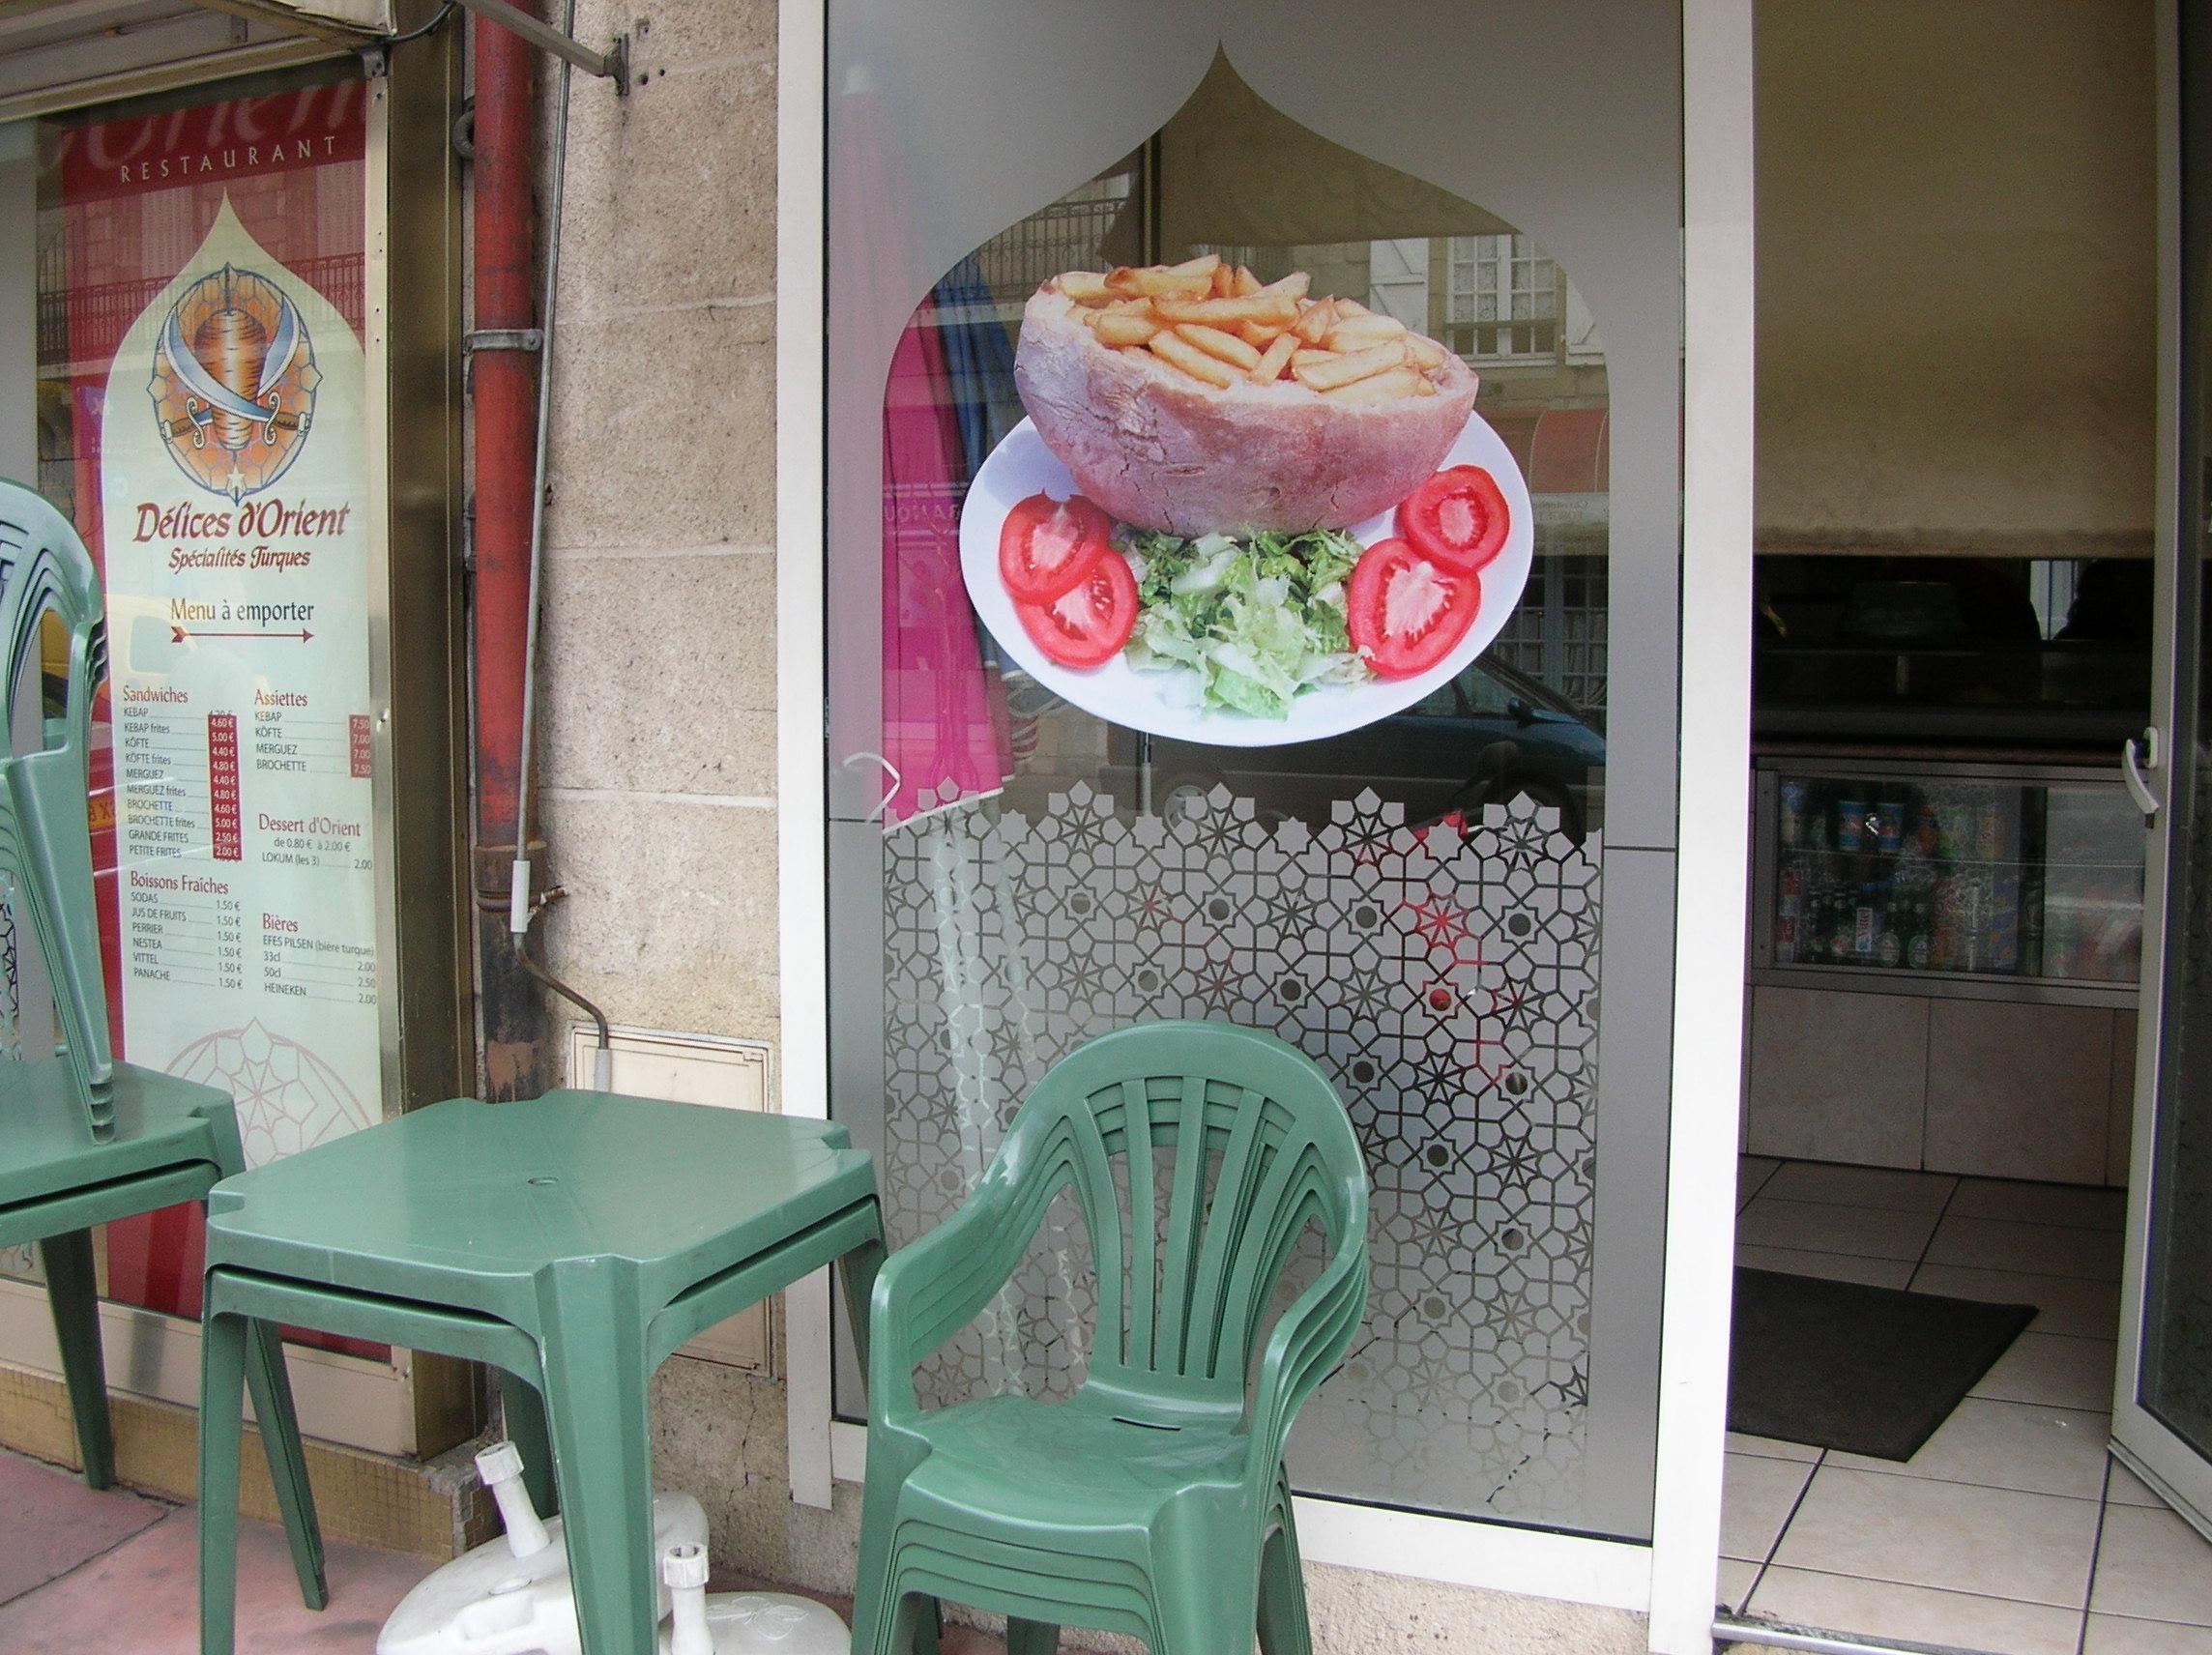 Délices d'orient kebab à Brive-la-Gaillarde